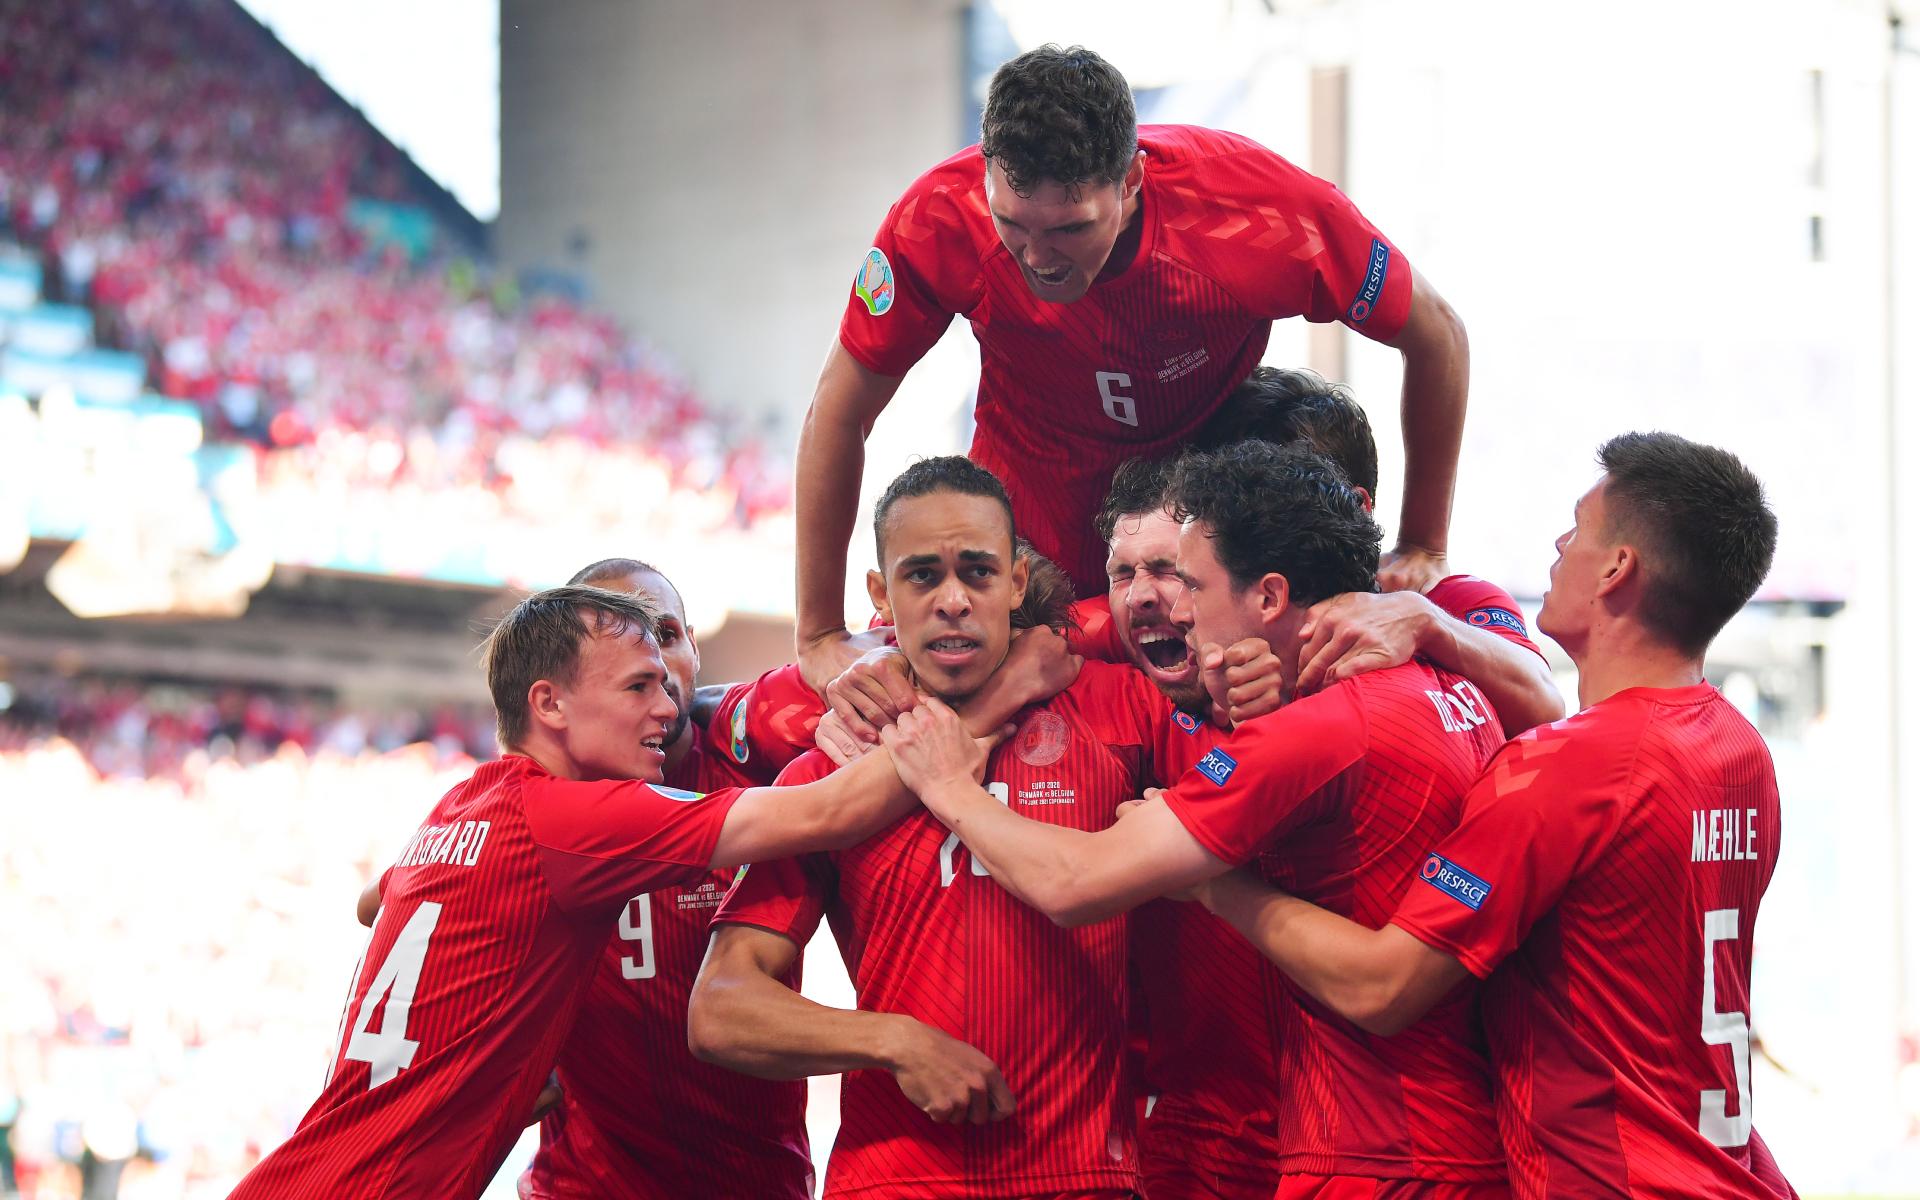 Фото: Футболисты сборной Дании отмечают гол в ворота сборной Бельгии на Евро-2020 (Photo by Stuart Franklin/Getty Images)